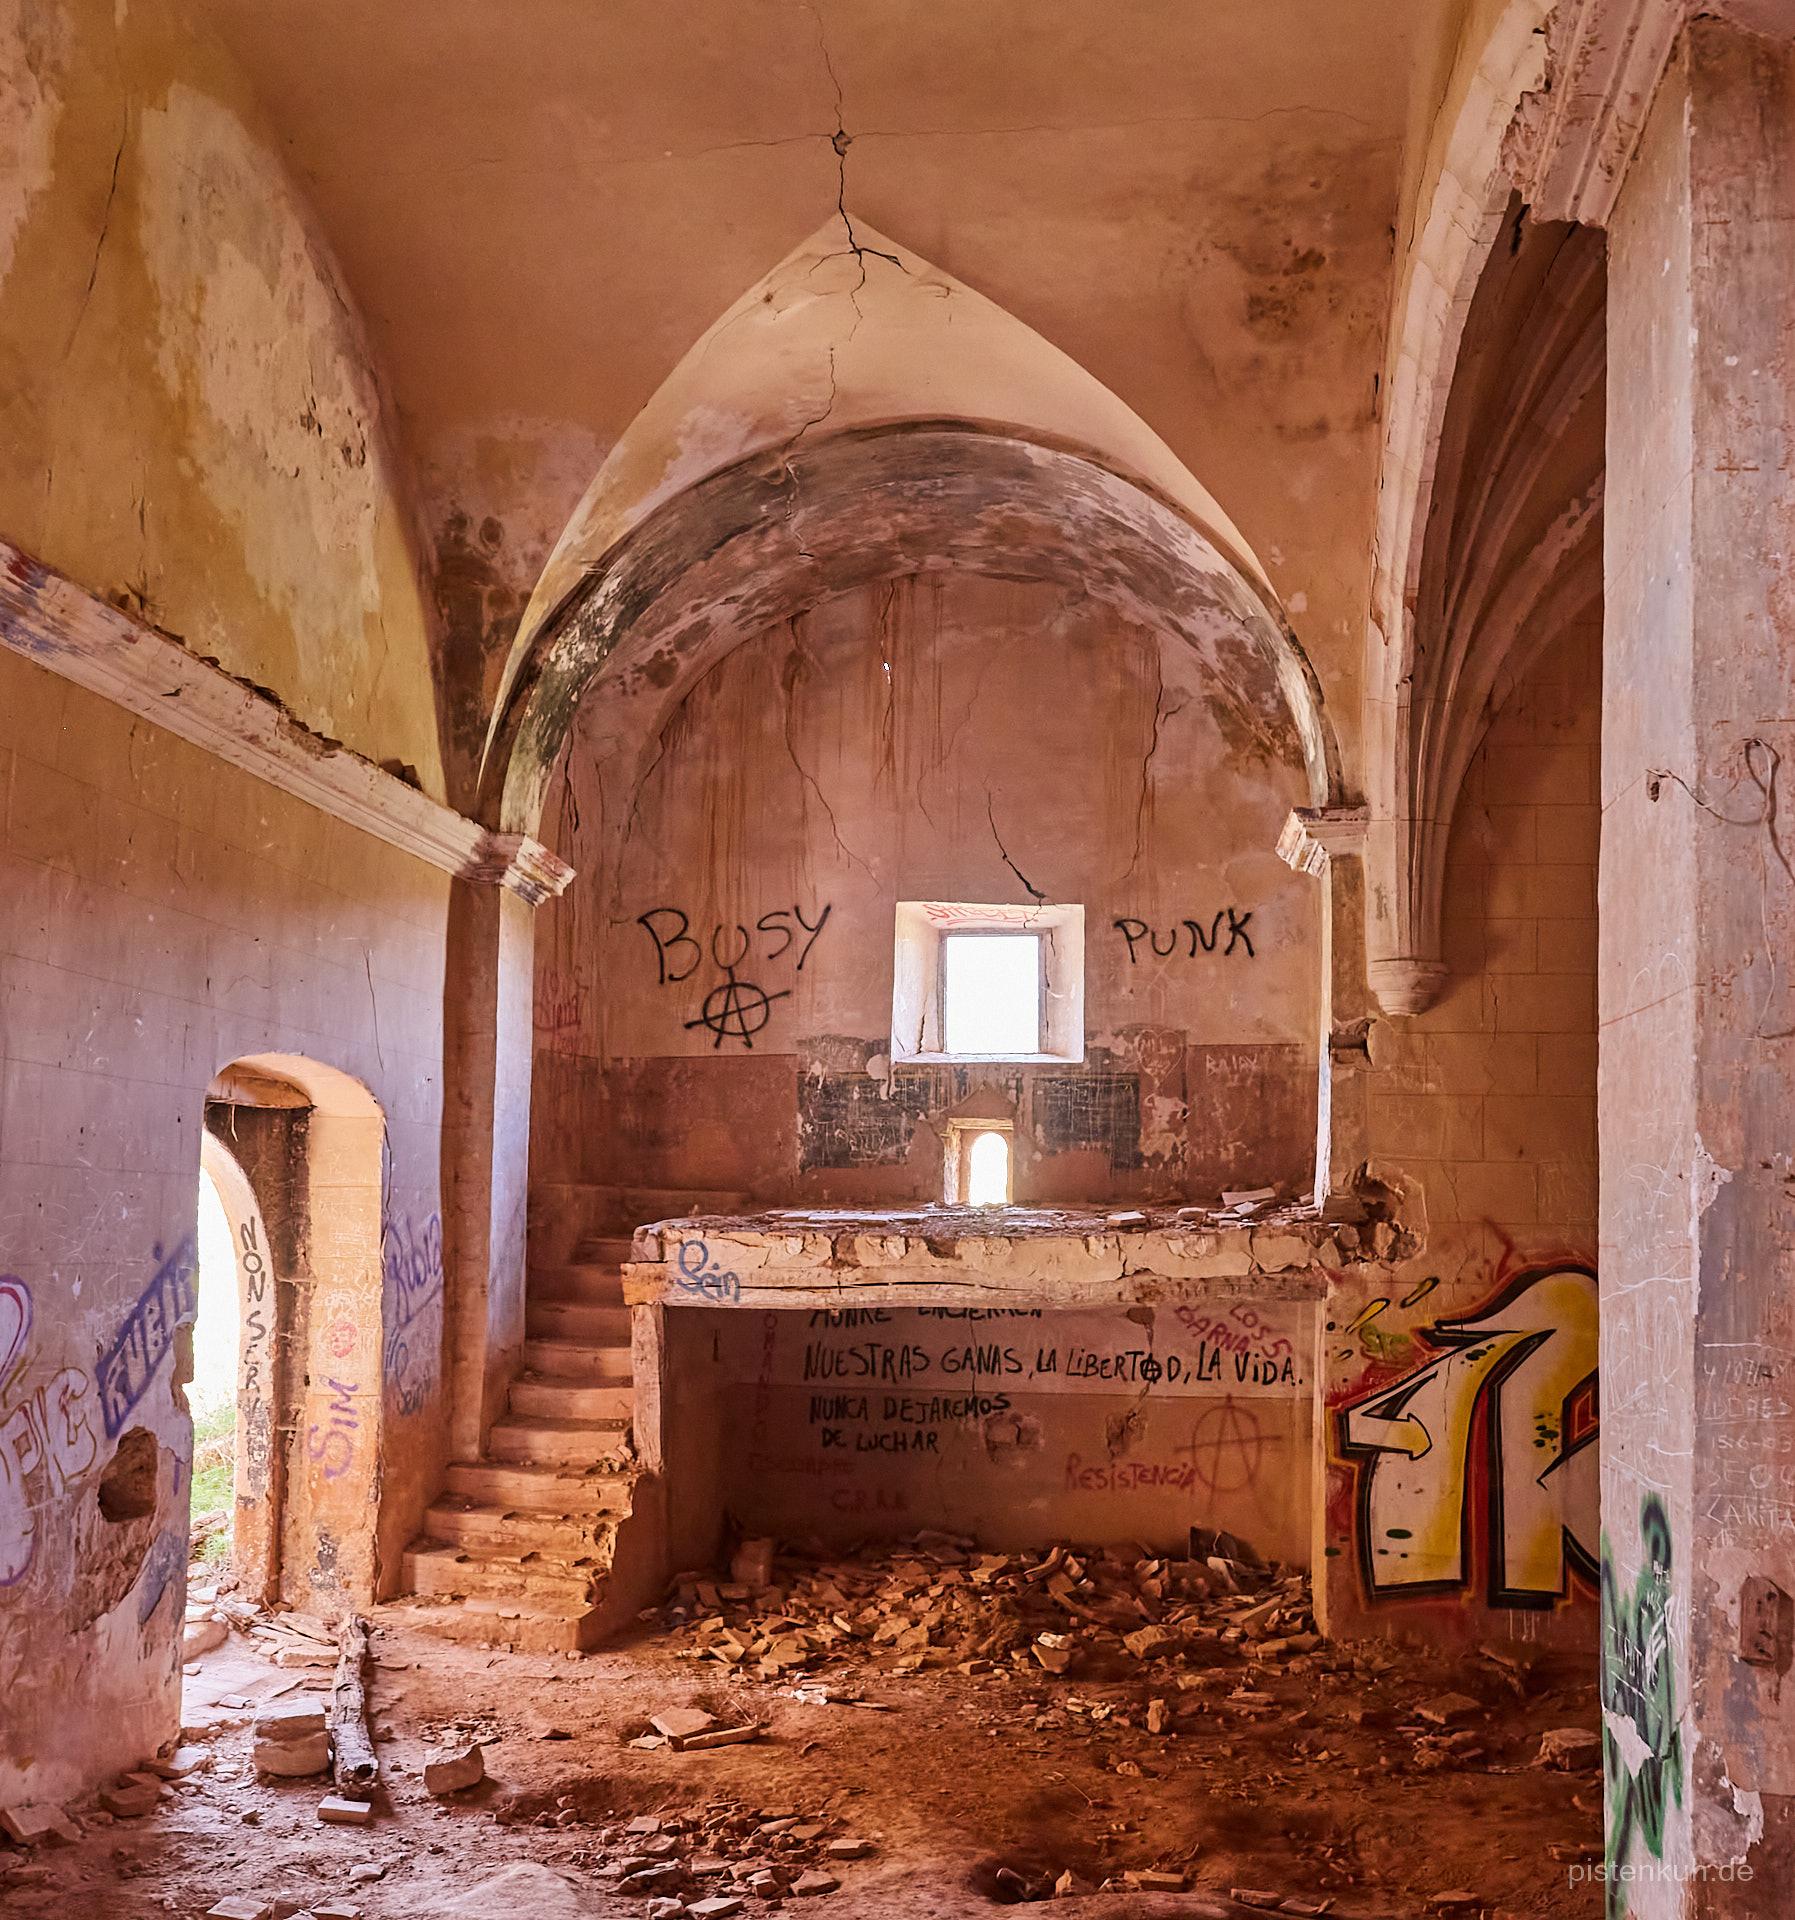 Im Inneren der baufälligen und von Spayern beschmierten Kirche.